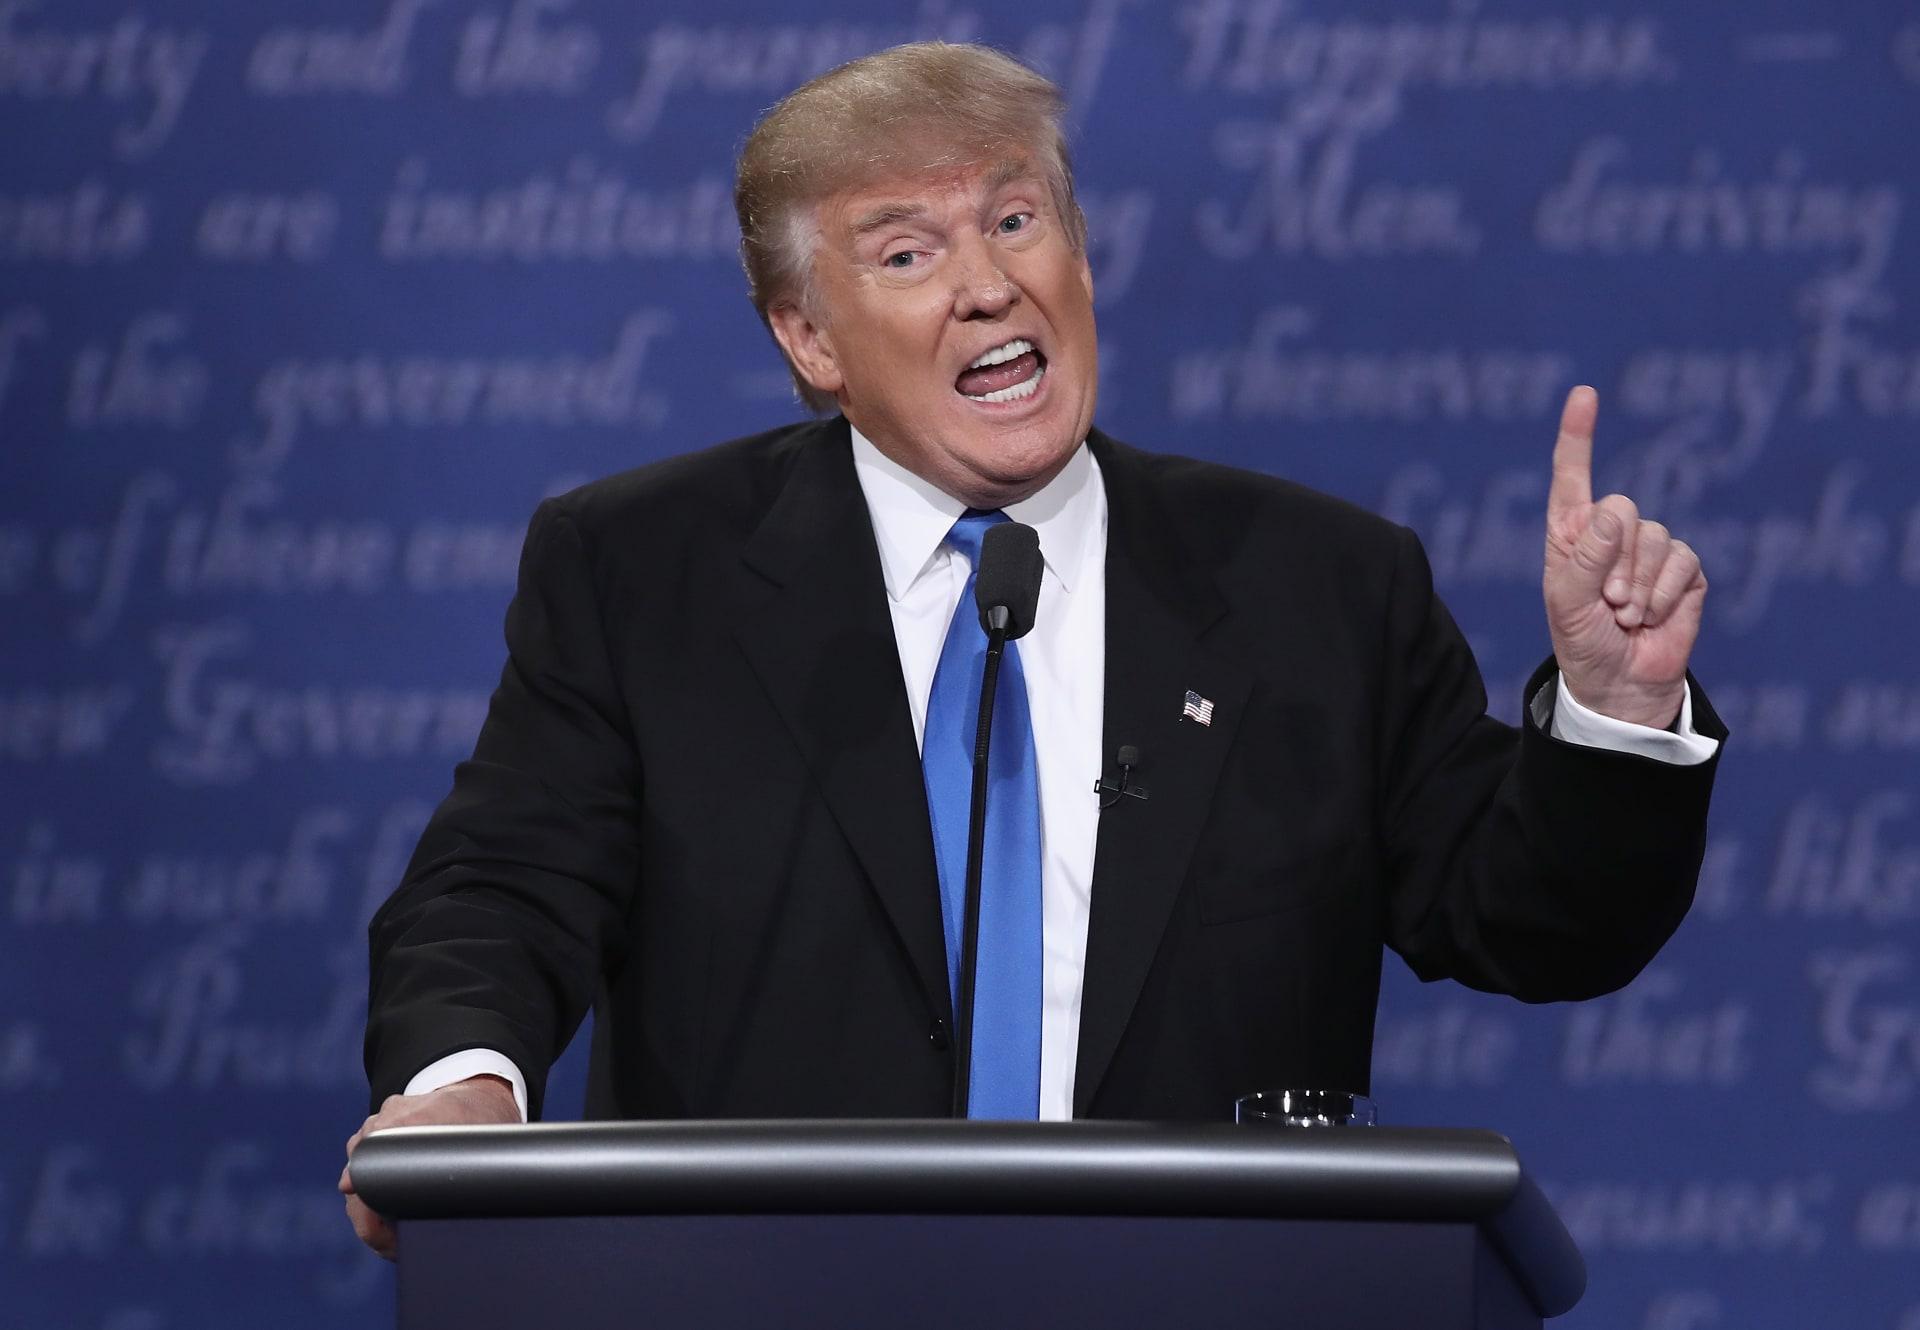 """ترامب يتهم السعودية وقطر بـ""""إساءة معاملة السيدات"""".. ويجدد إثارة قضية دفع """"أعتاب الدفاع"""" بالمناظرة الأخيرة"""